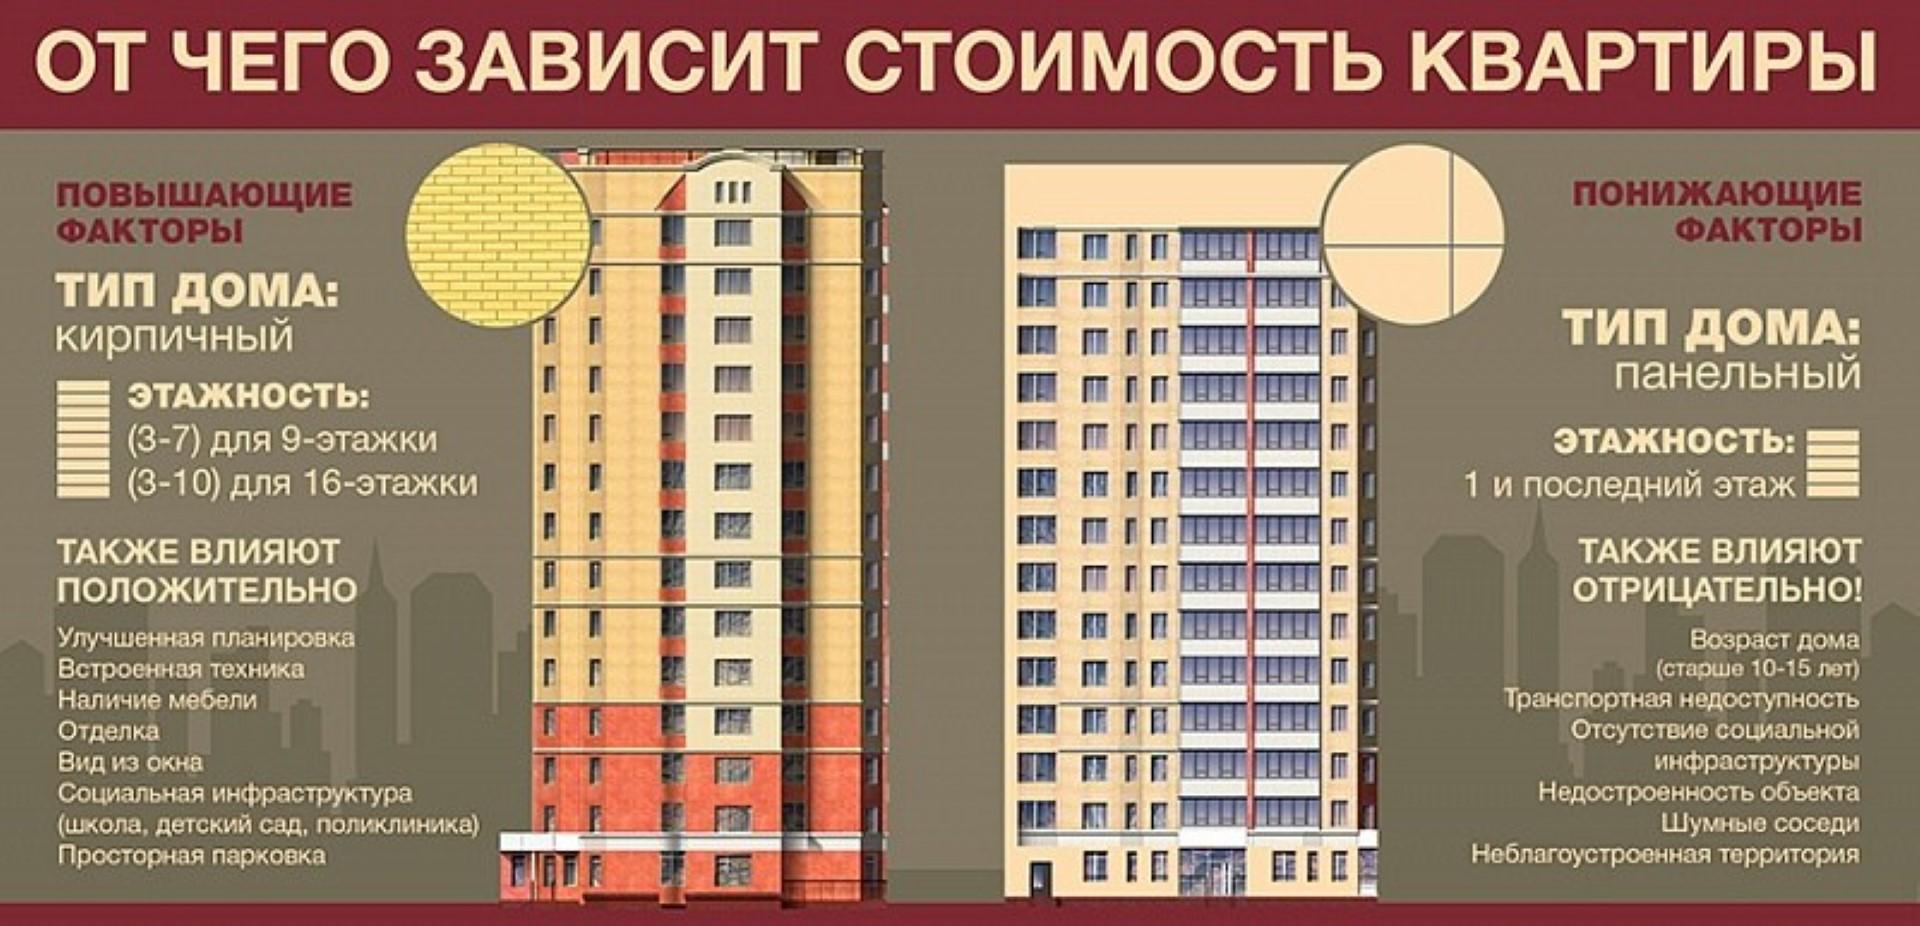 Рекомендации по заключению сделки по переуступке жилой площади в строящемся доме